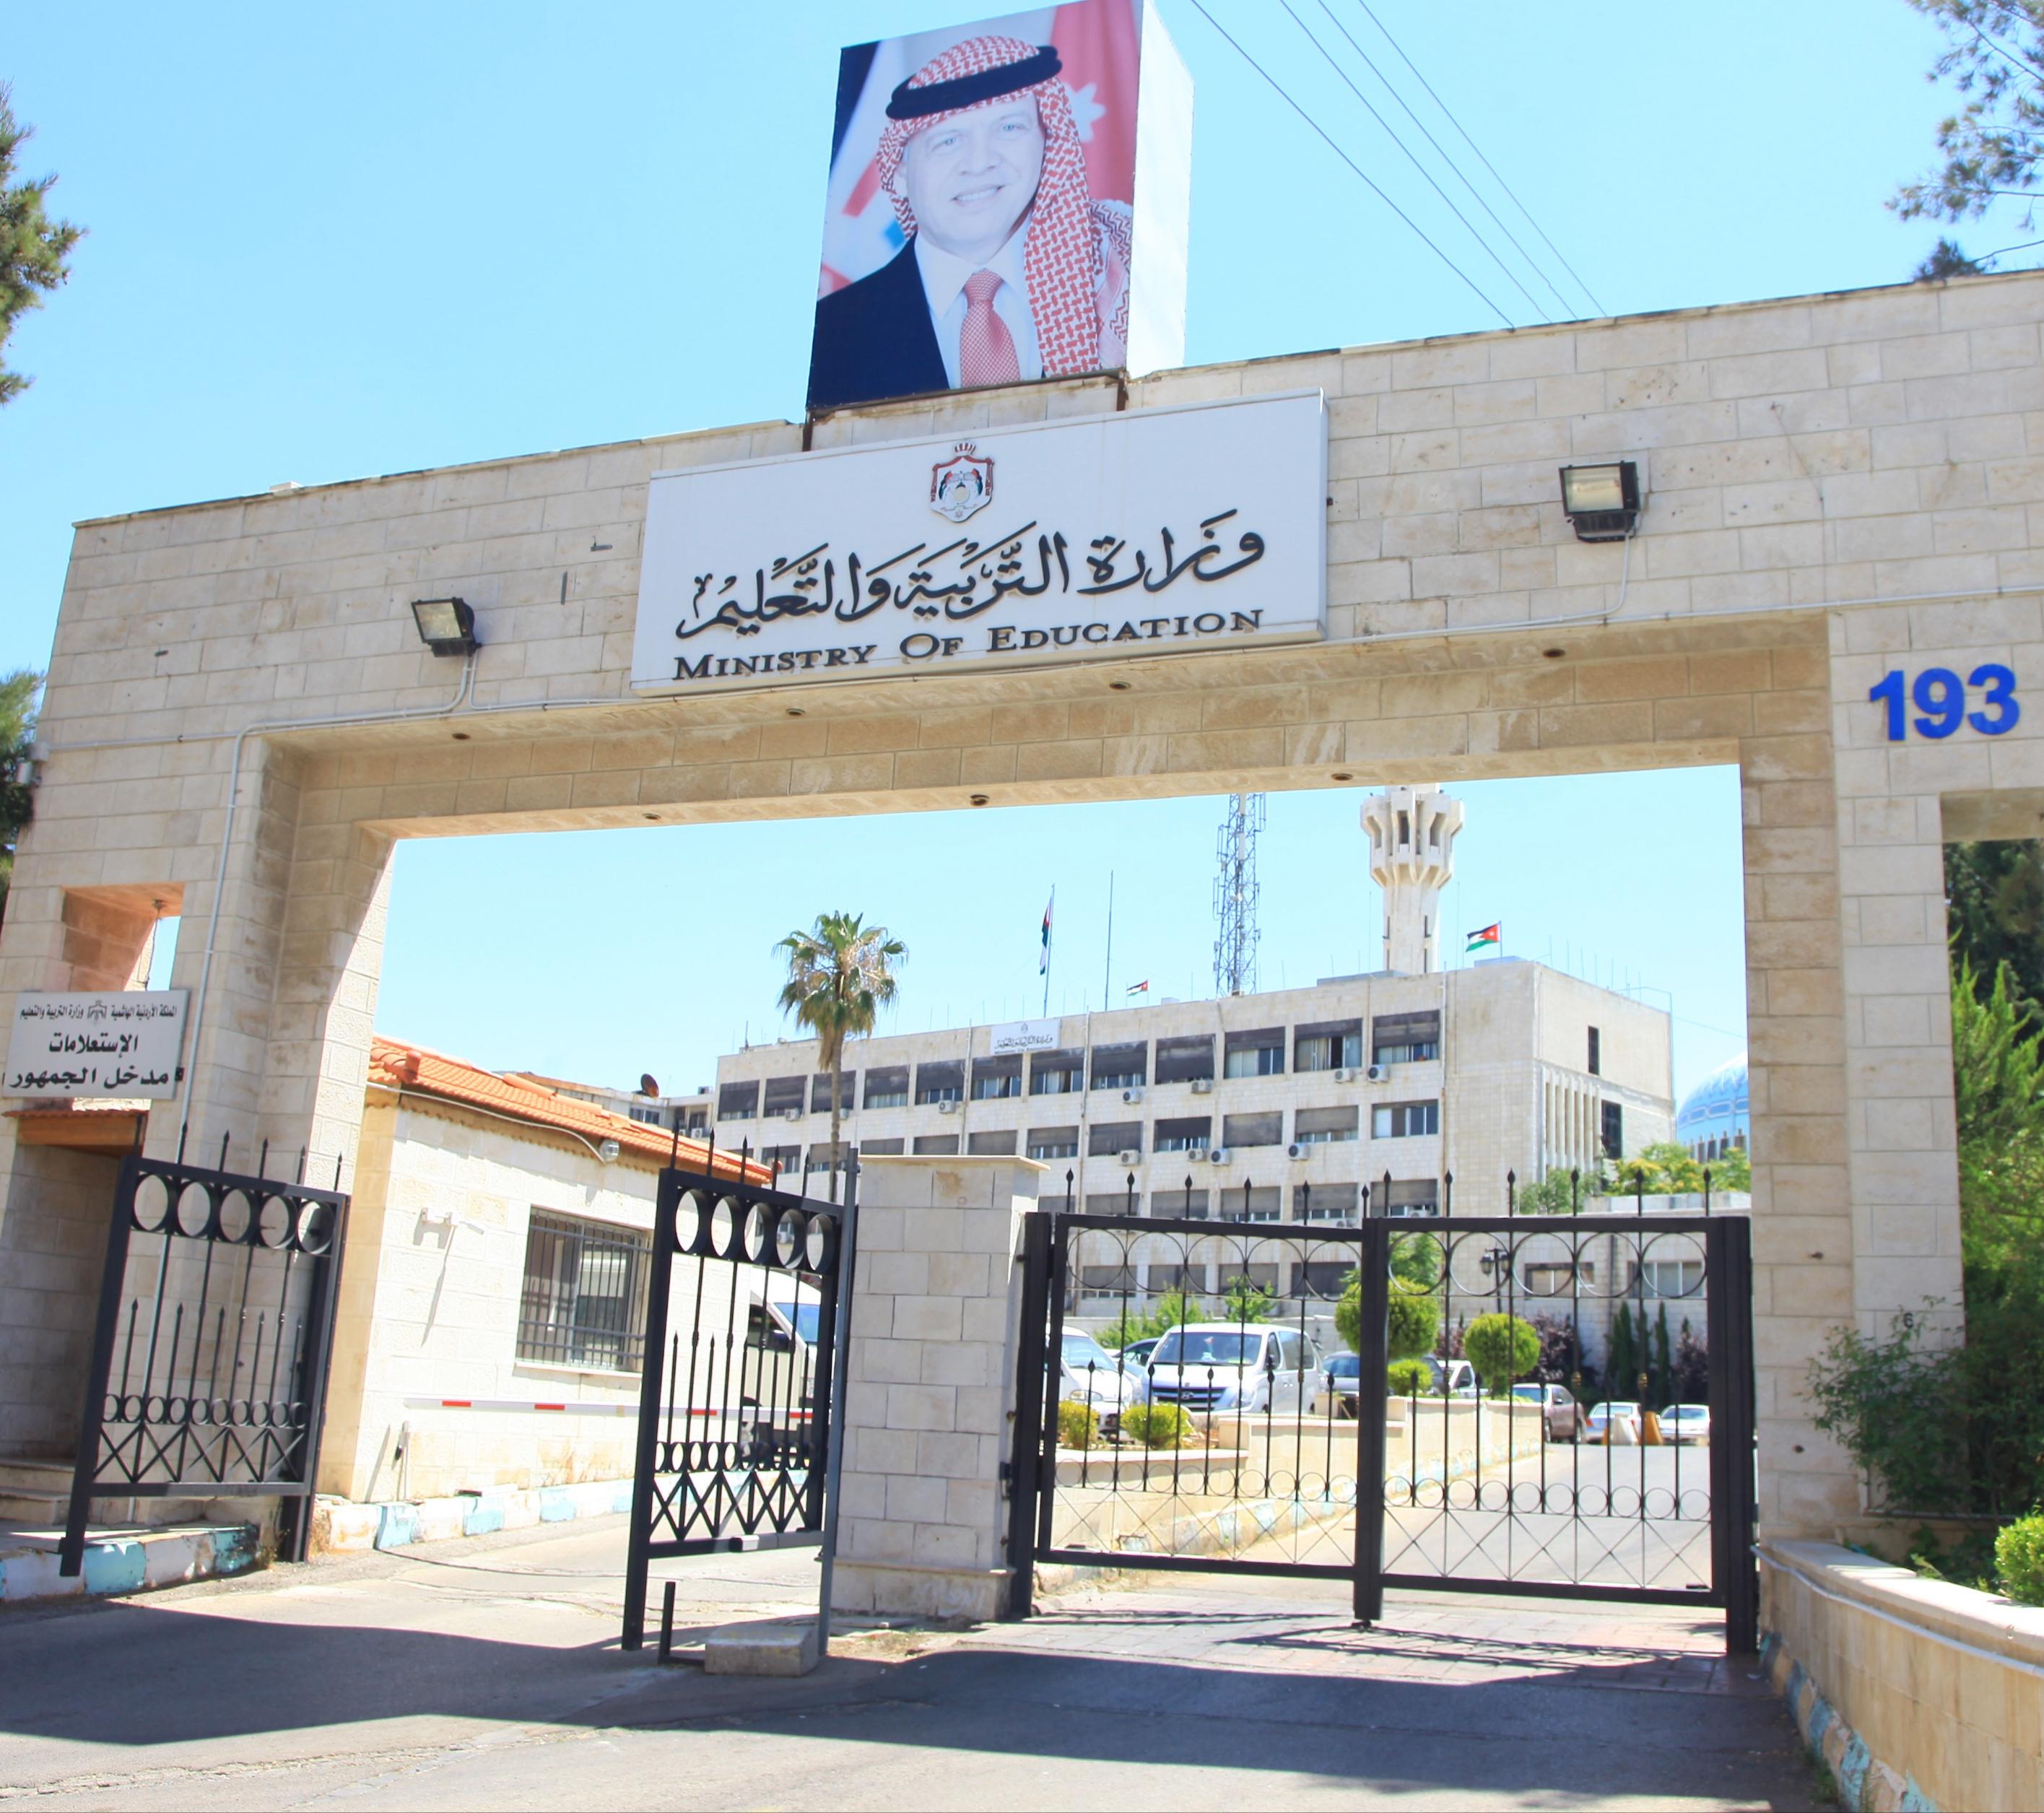 التربية: توفر منح دراسية في جامعة الحسين التقنية ضمن مكرمة أبناء المعلمين